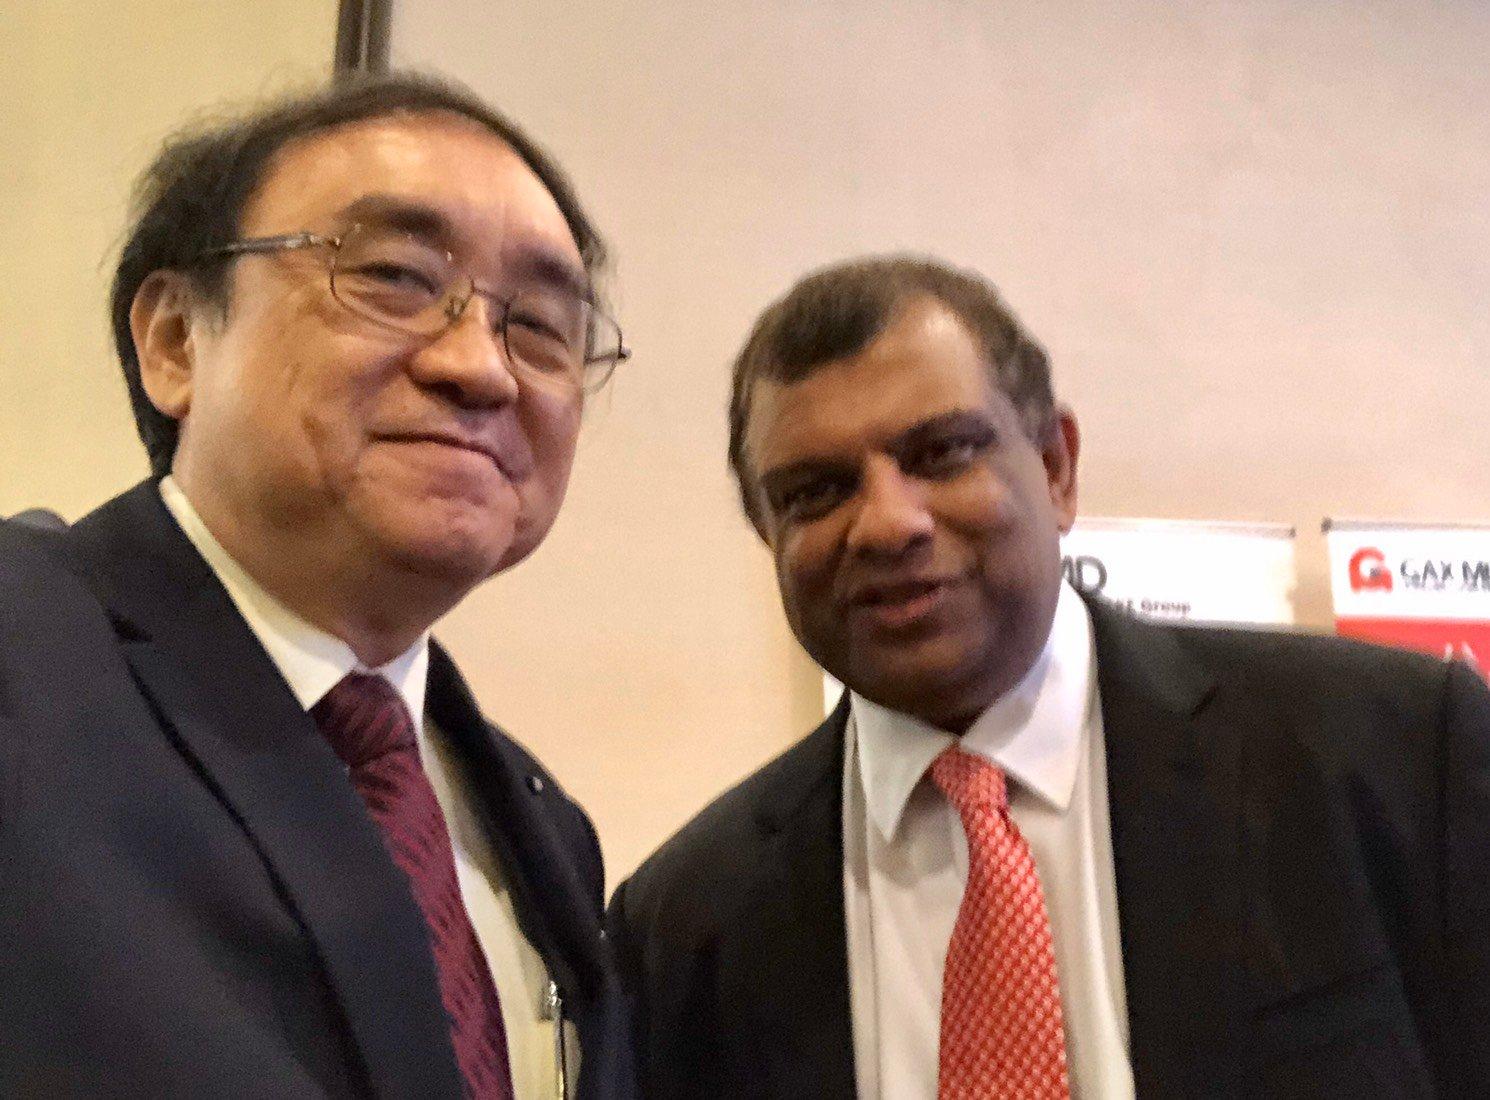 สสส. เทียบชั้นองค์กรระดับโลก รับรางวัล Nation-Building and Word Setter Awards thaihealth